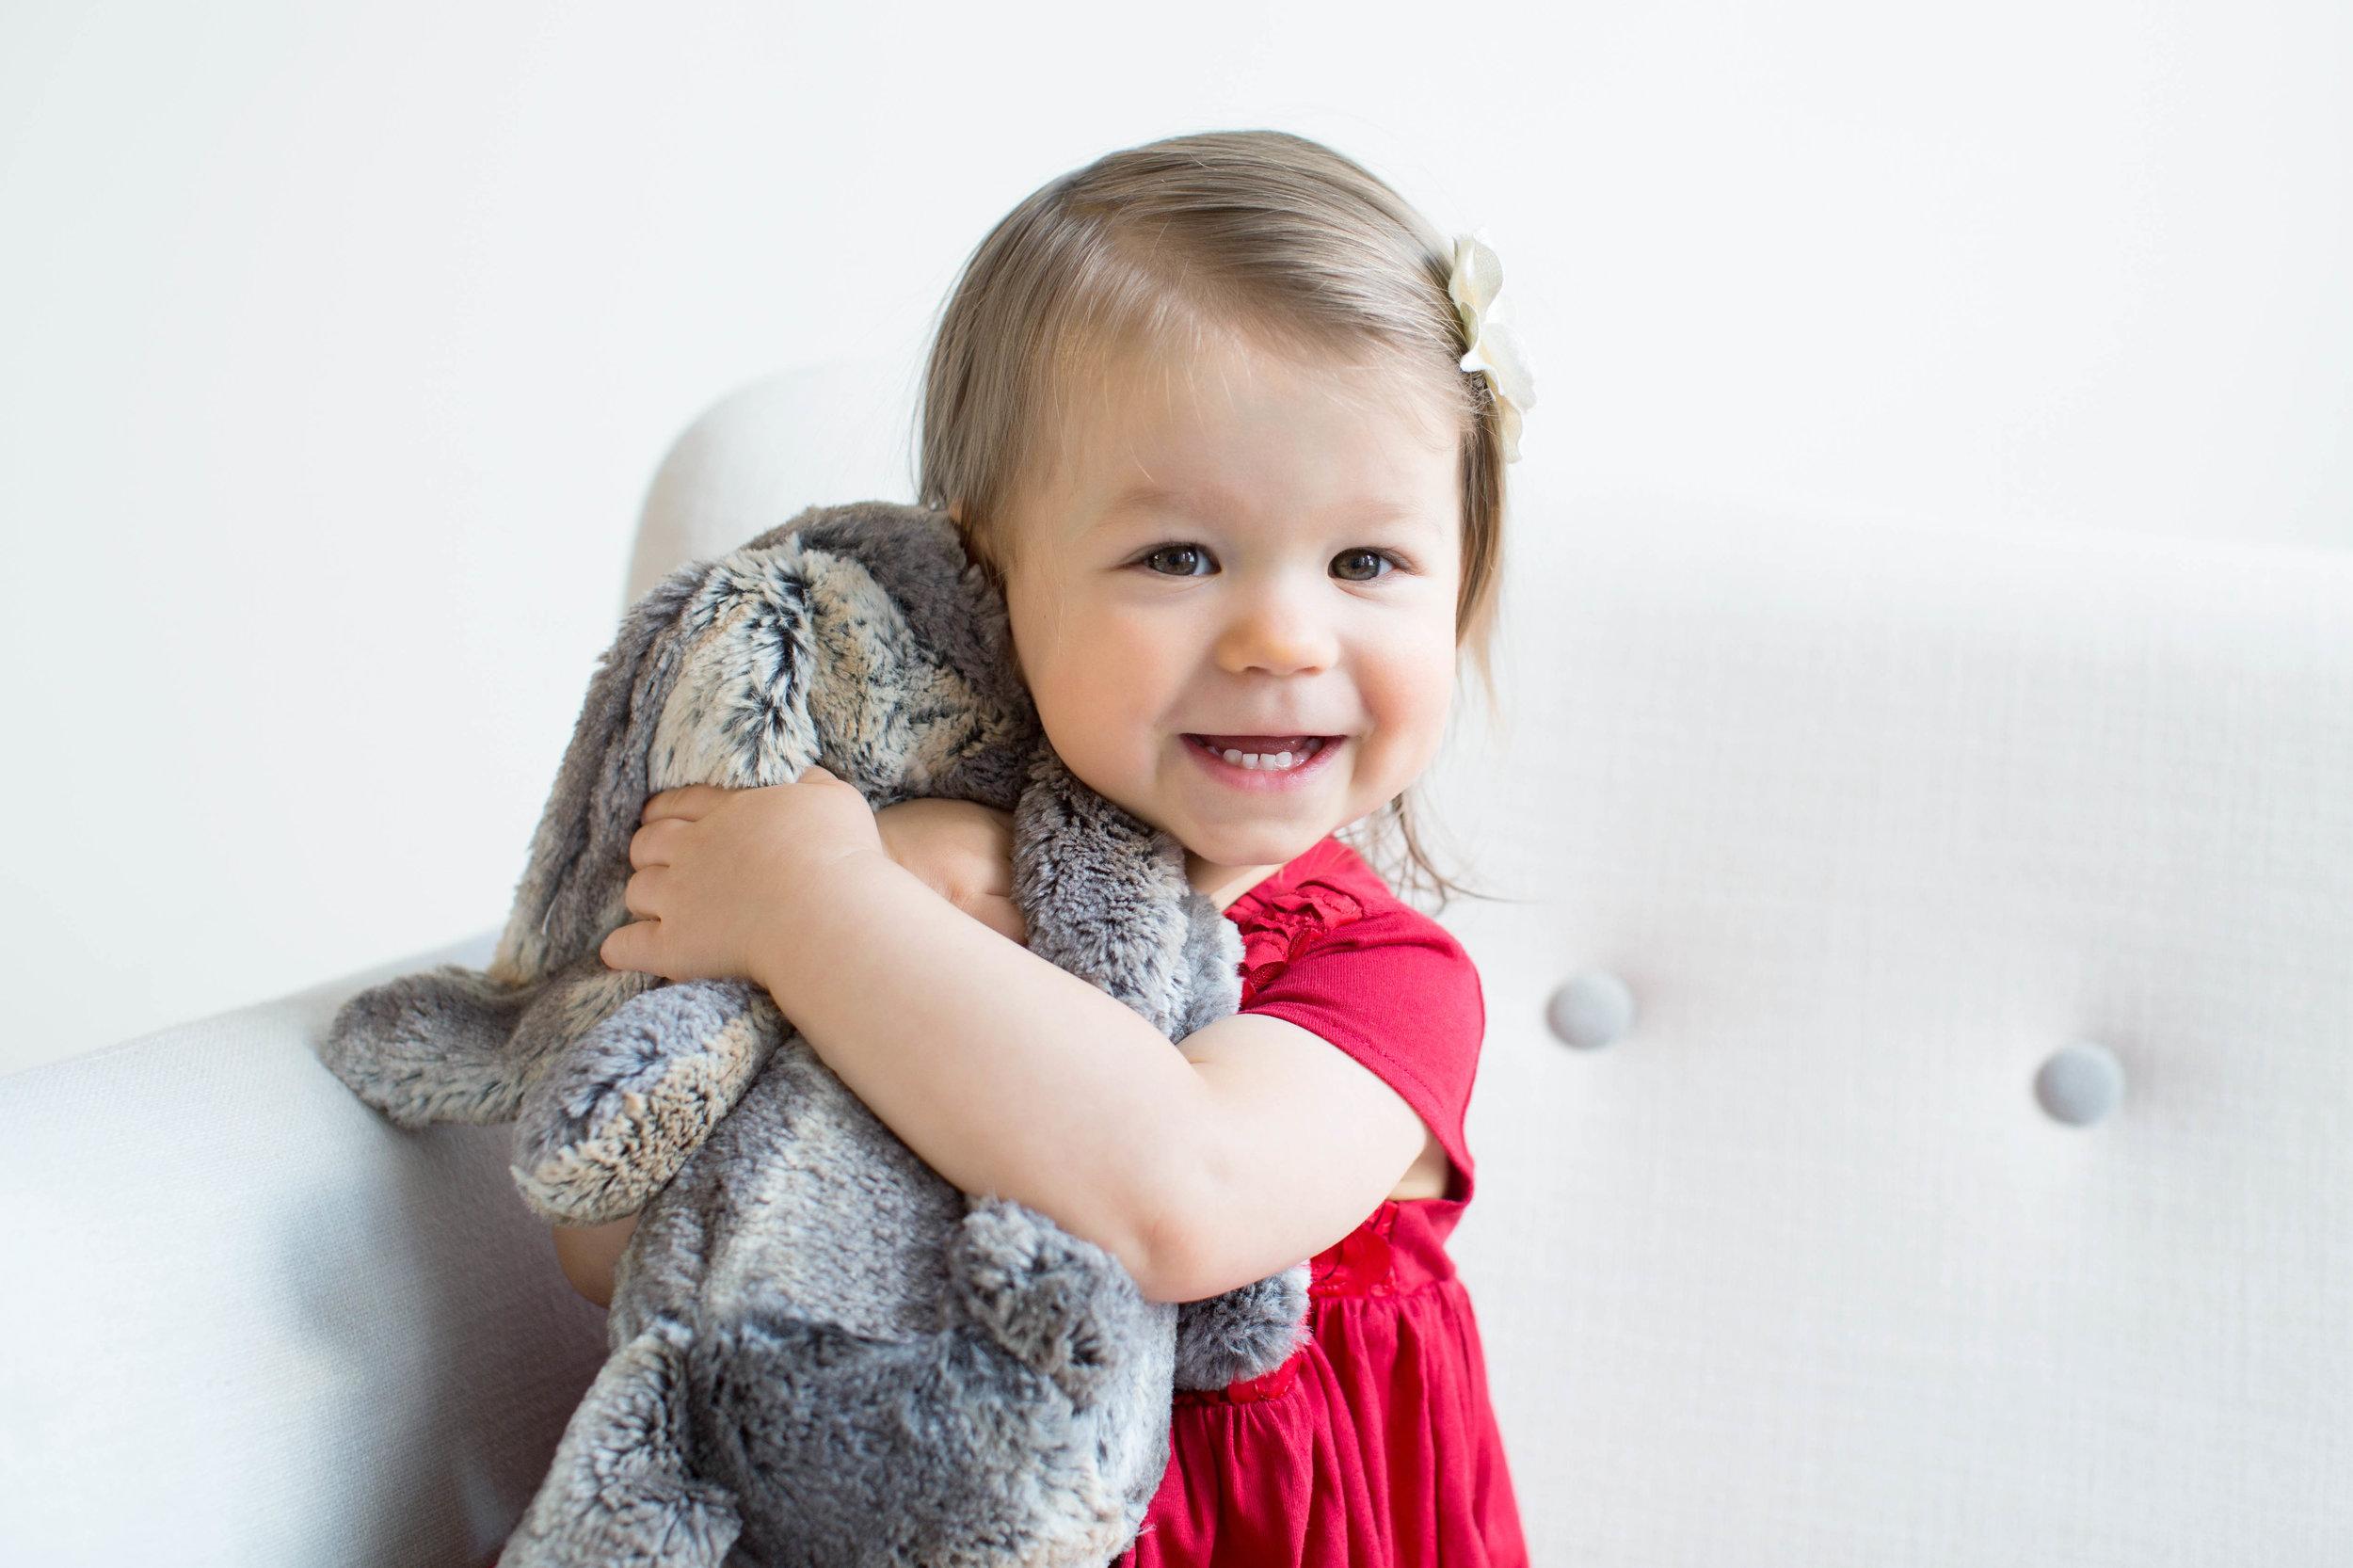 little_girl_in_red.jpg